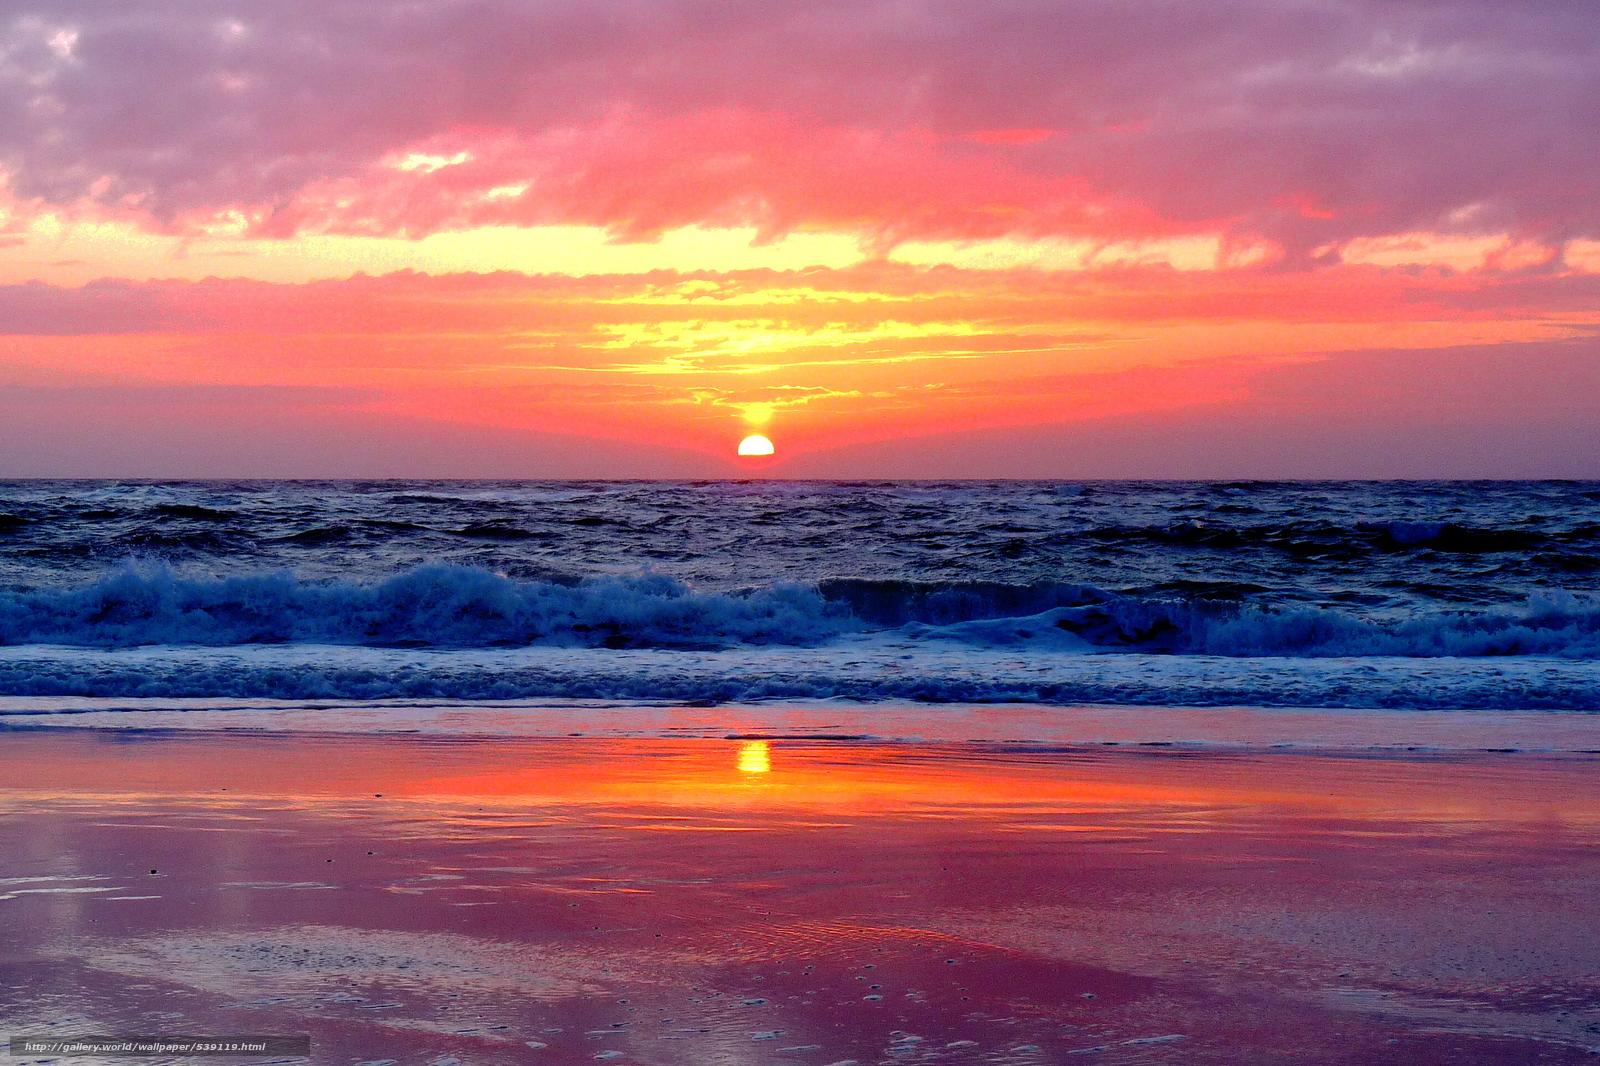 Tlcharger fond d 39 ecran mer du nord allemagne coucher du - Fond ecran coucher de soleil sur la mer ...